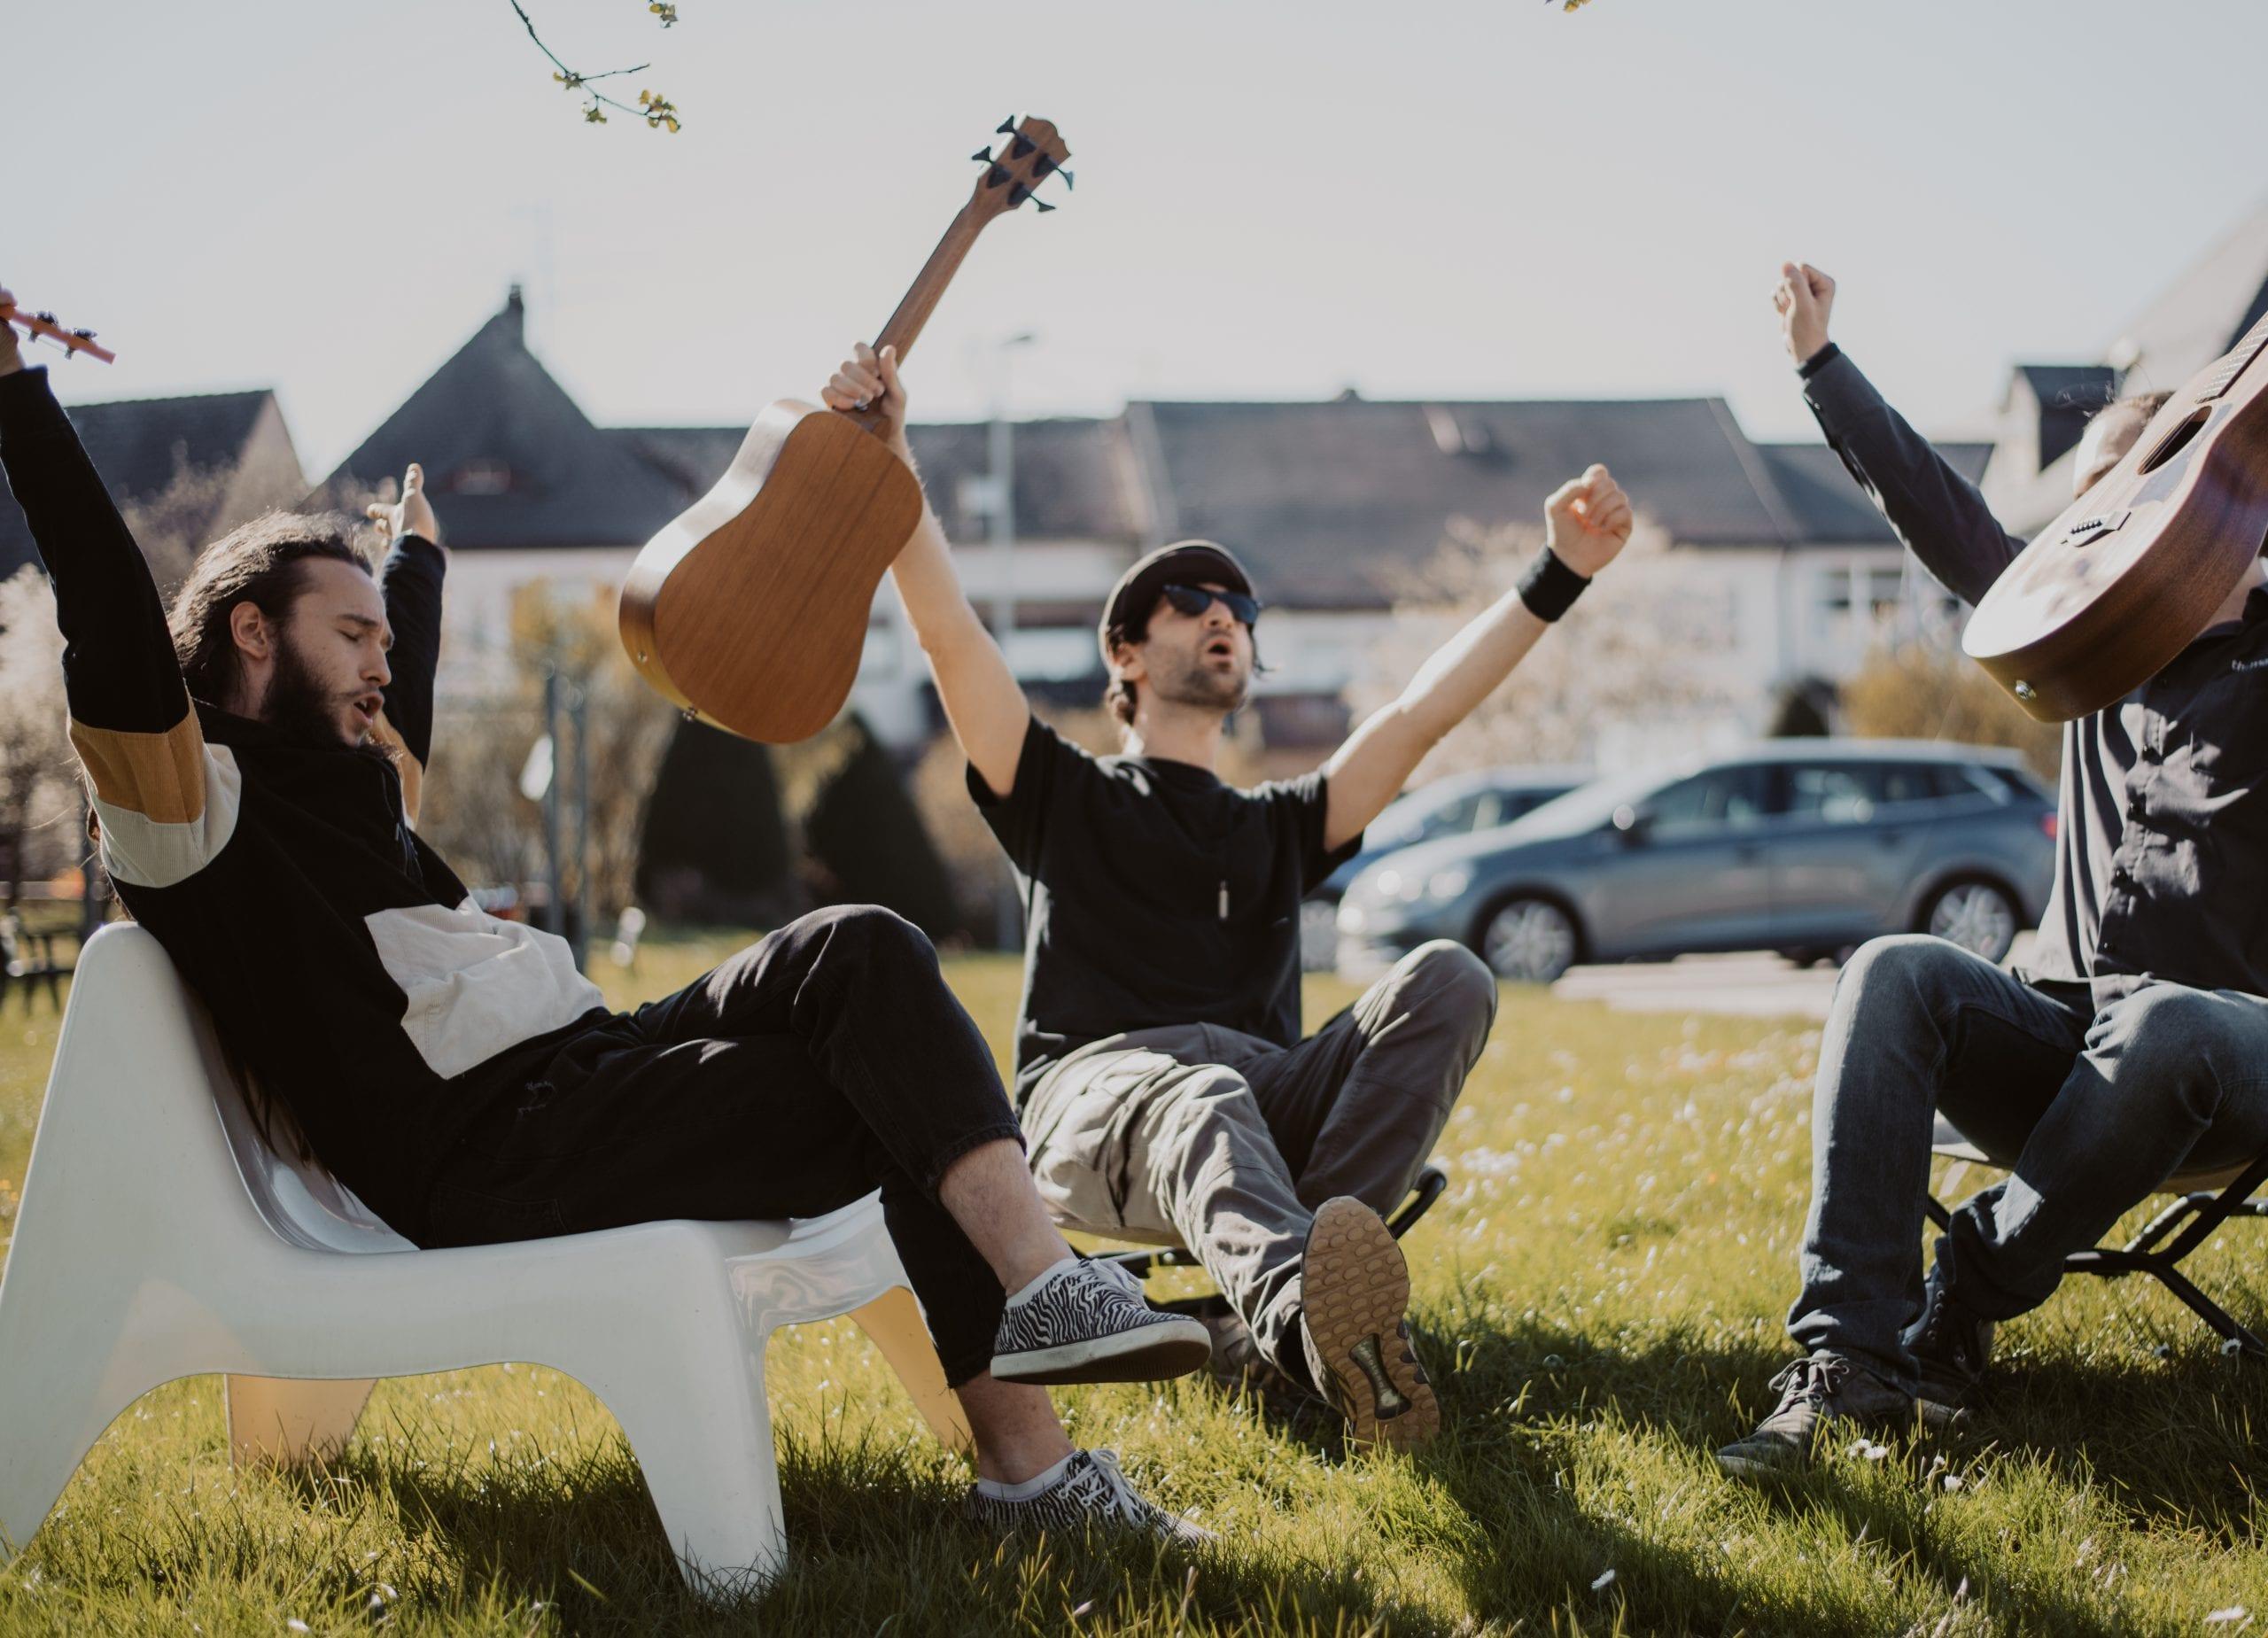 Thomann Treppendorf Gitarre Ukulele Spaß Musik